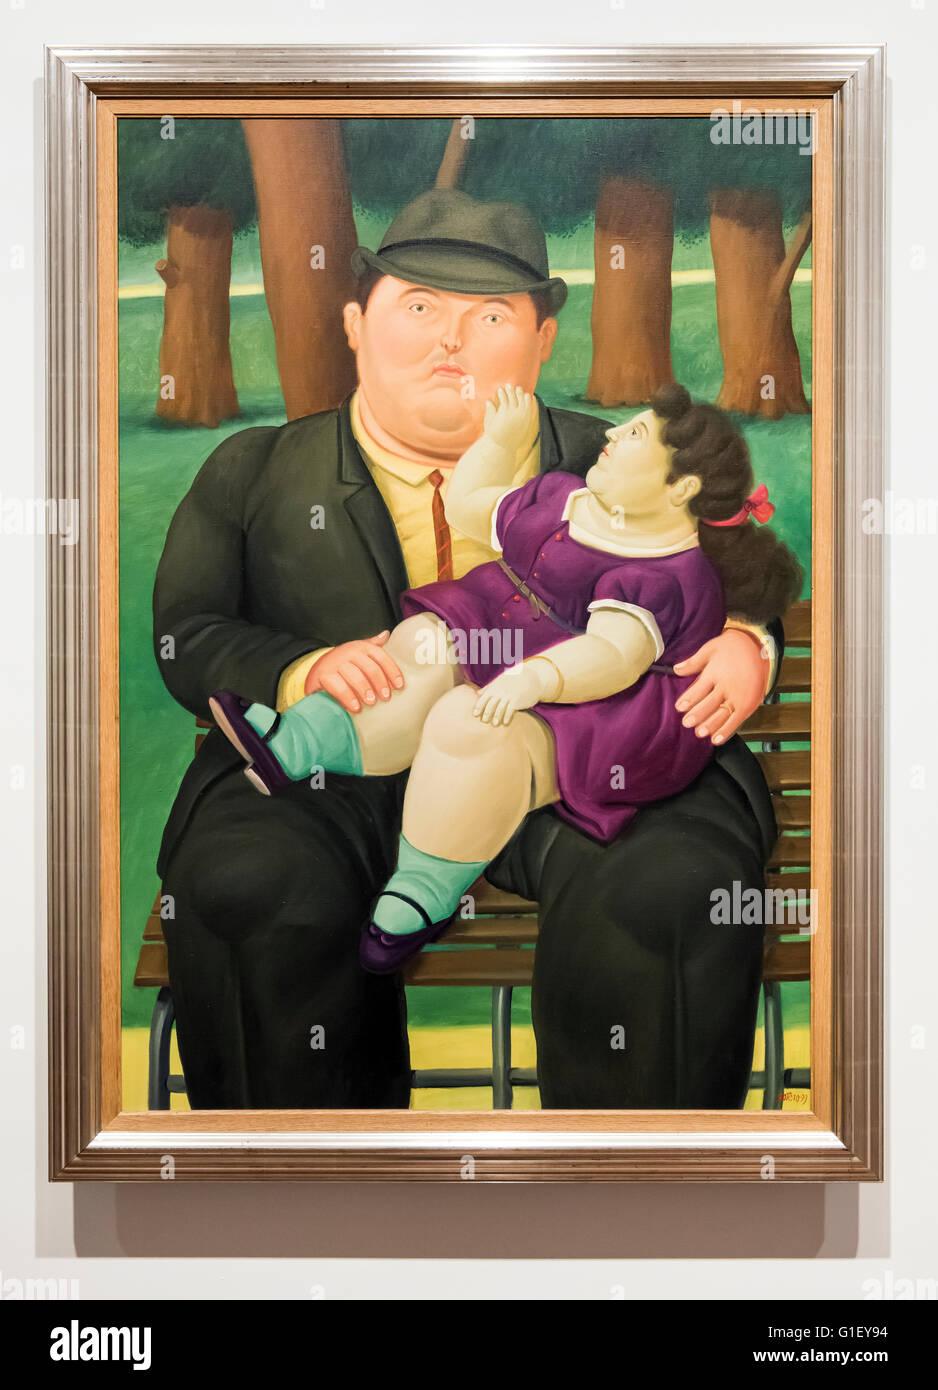 La pintura del padre con el hijo de Fernando Botero en el Museo Botero Bogotá Colombia Imagen De Stock